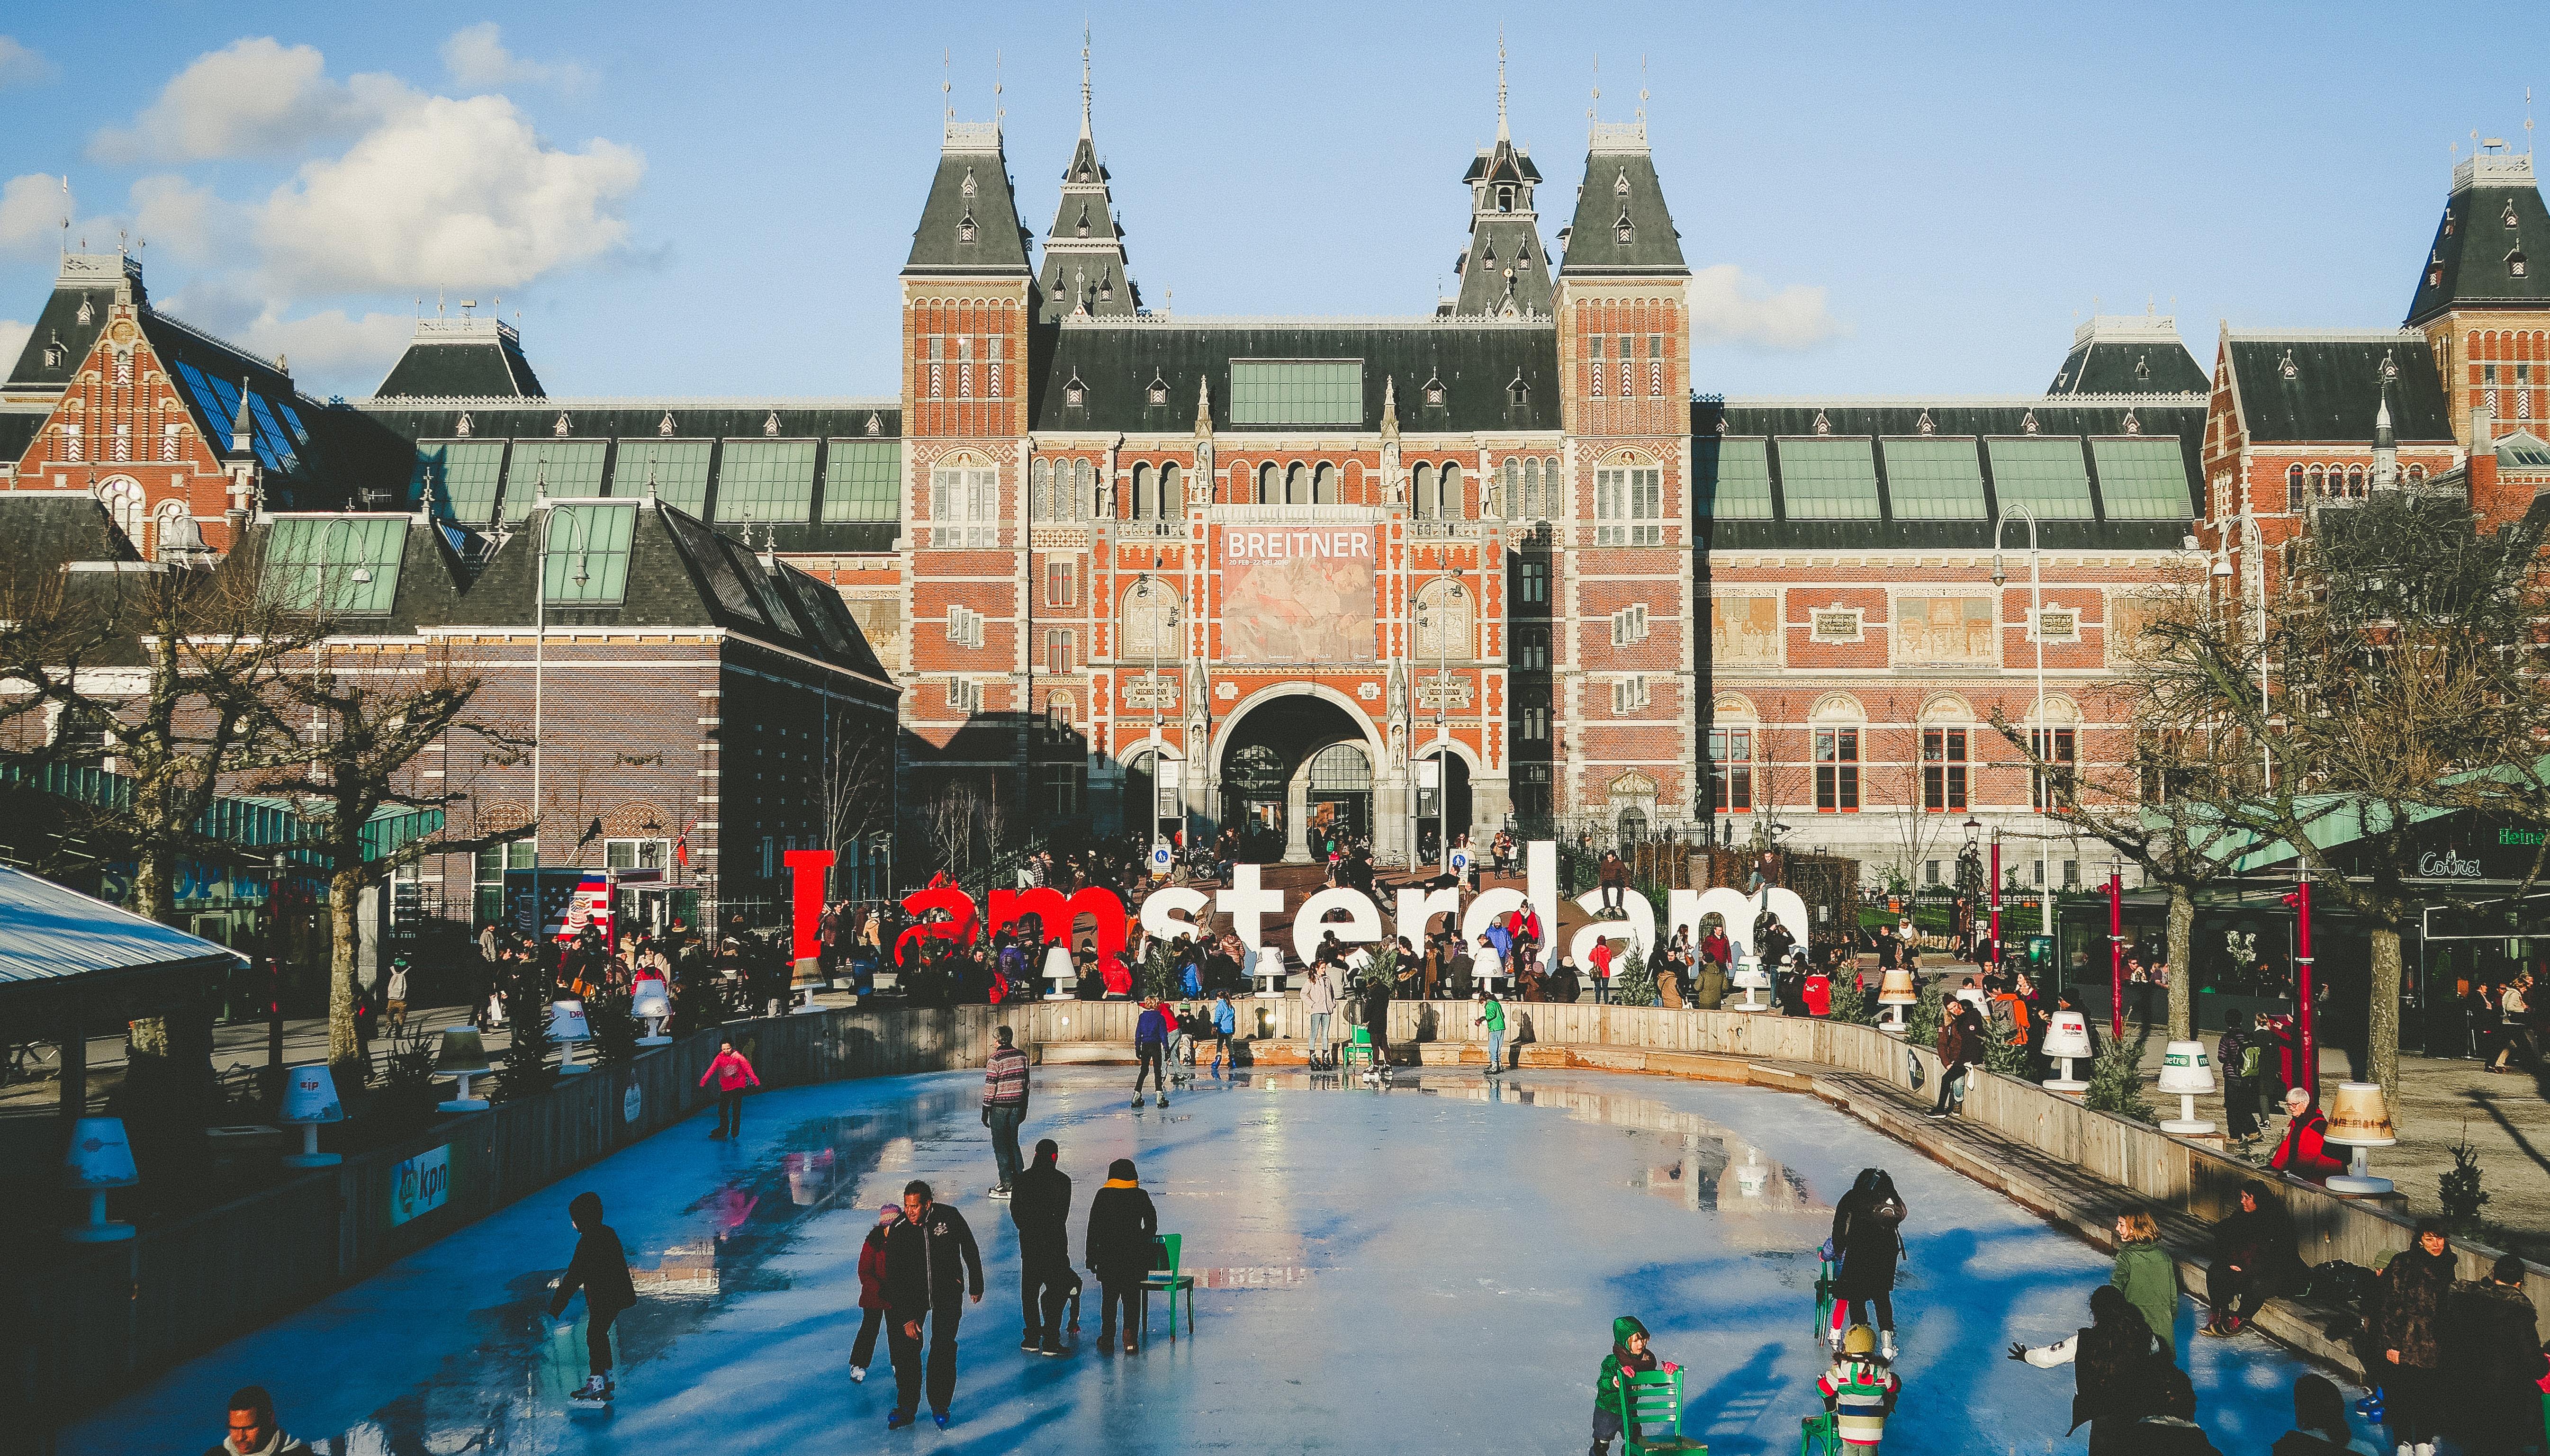 Voorwaarden toeristenverhuur in Amsterdam